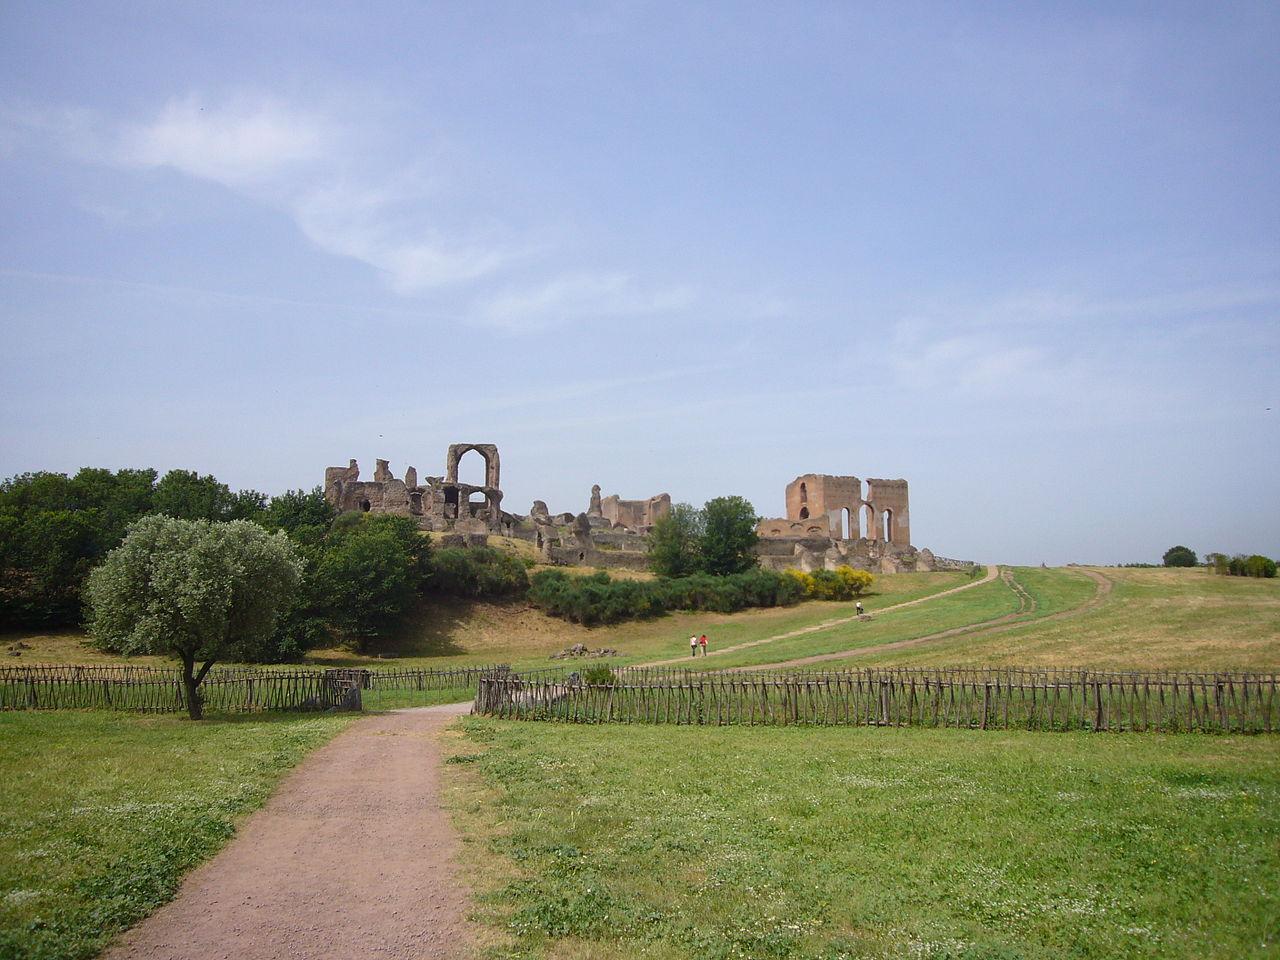 La Villa dei Quintili: una villa scenografica sull'Appia